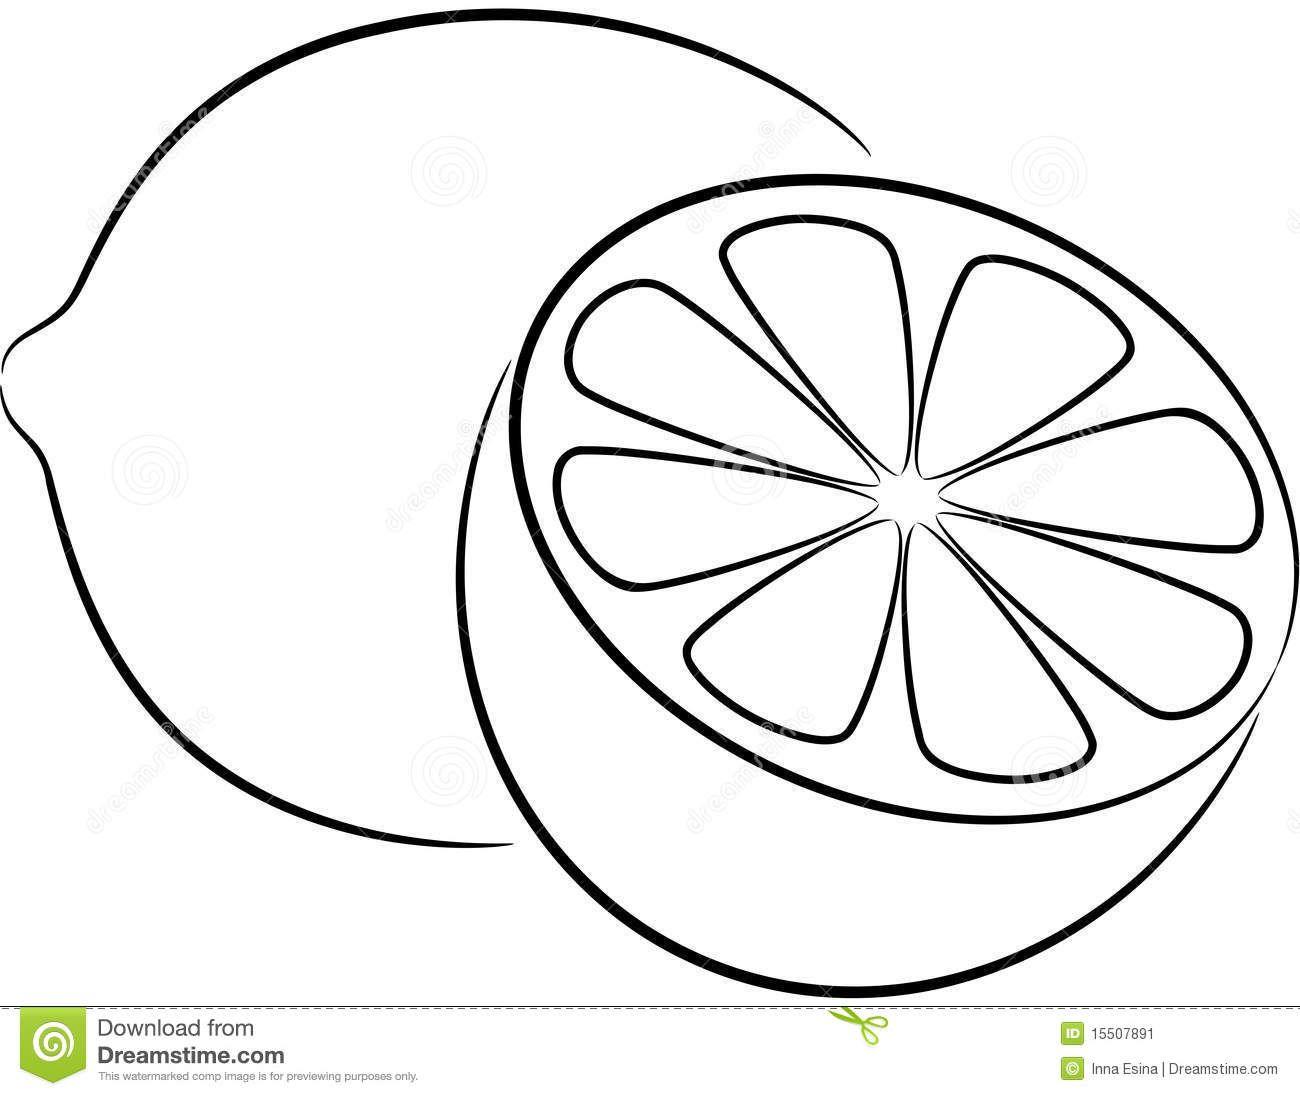 Lemon Clipart Black And White